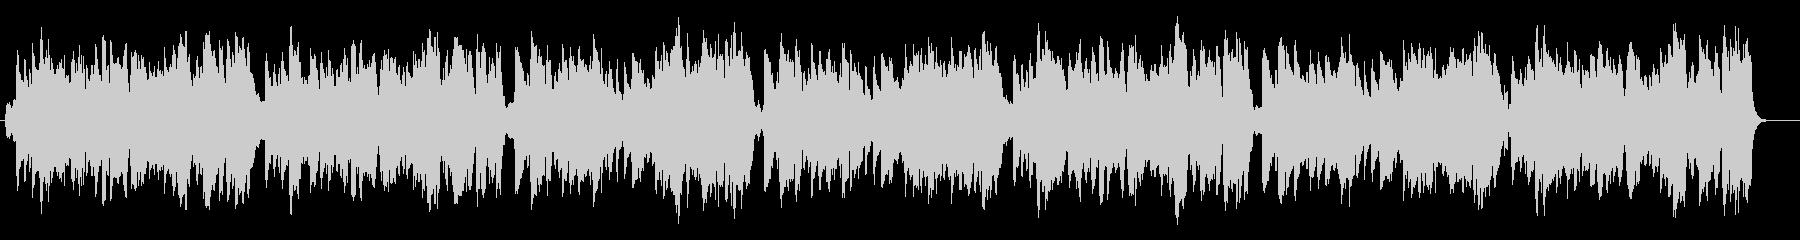 生演奏リコーダーでさわやかな朝のBGMの未再生の波形